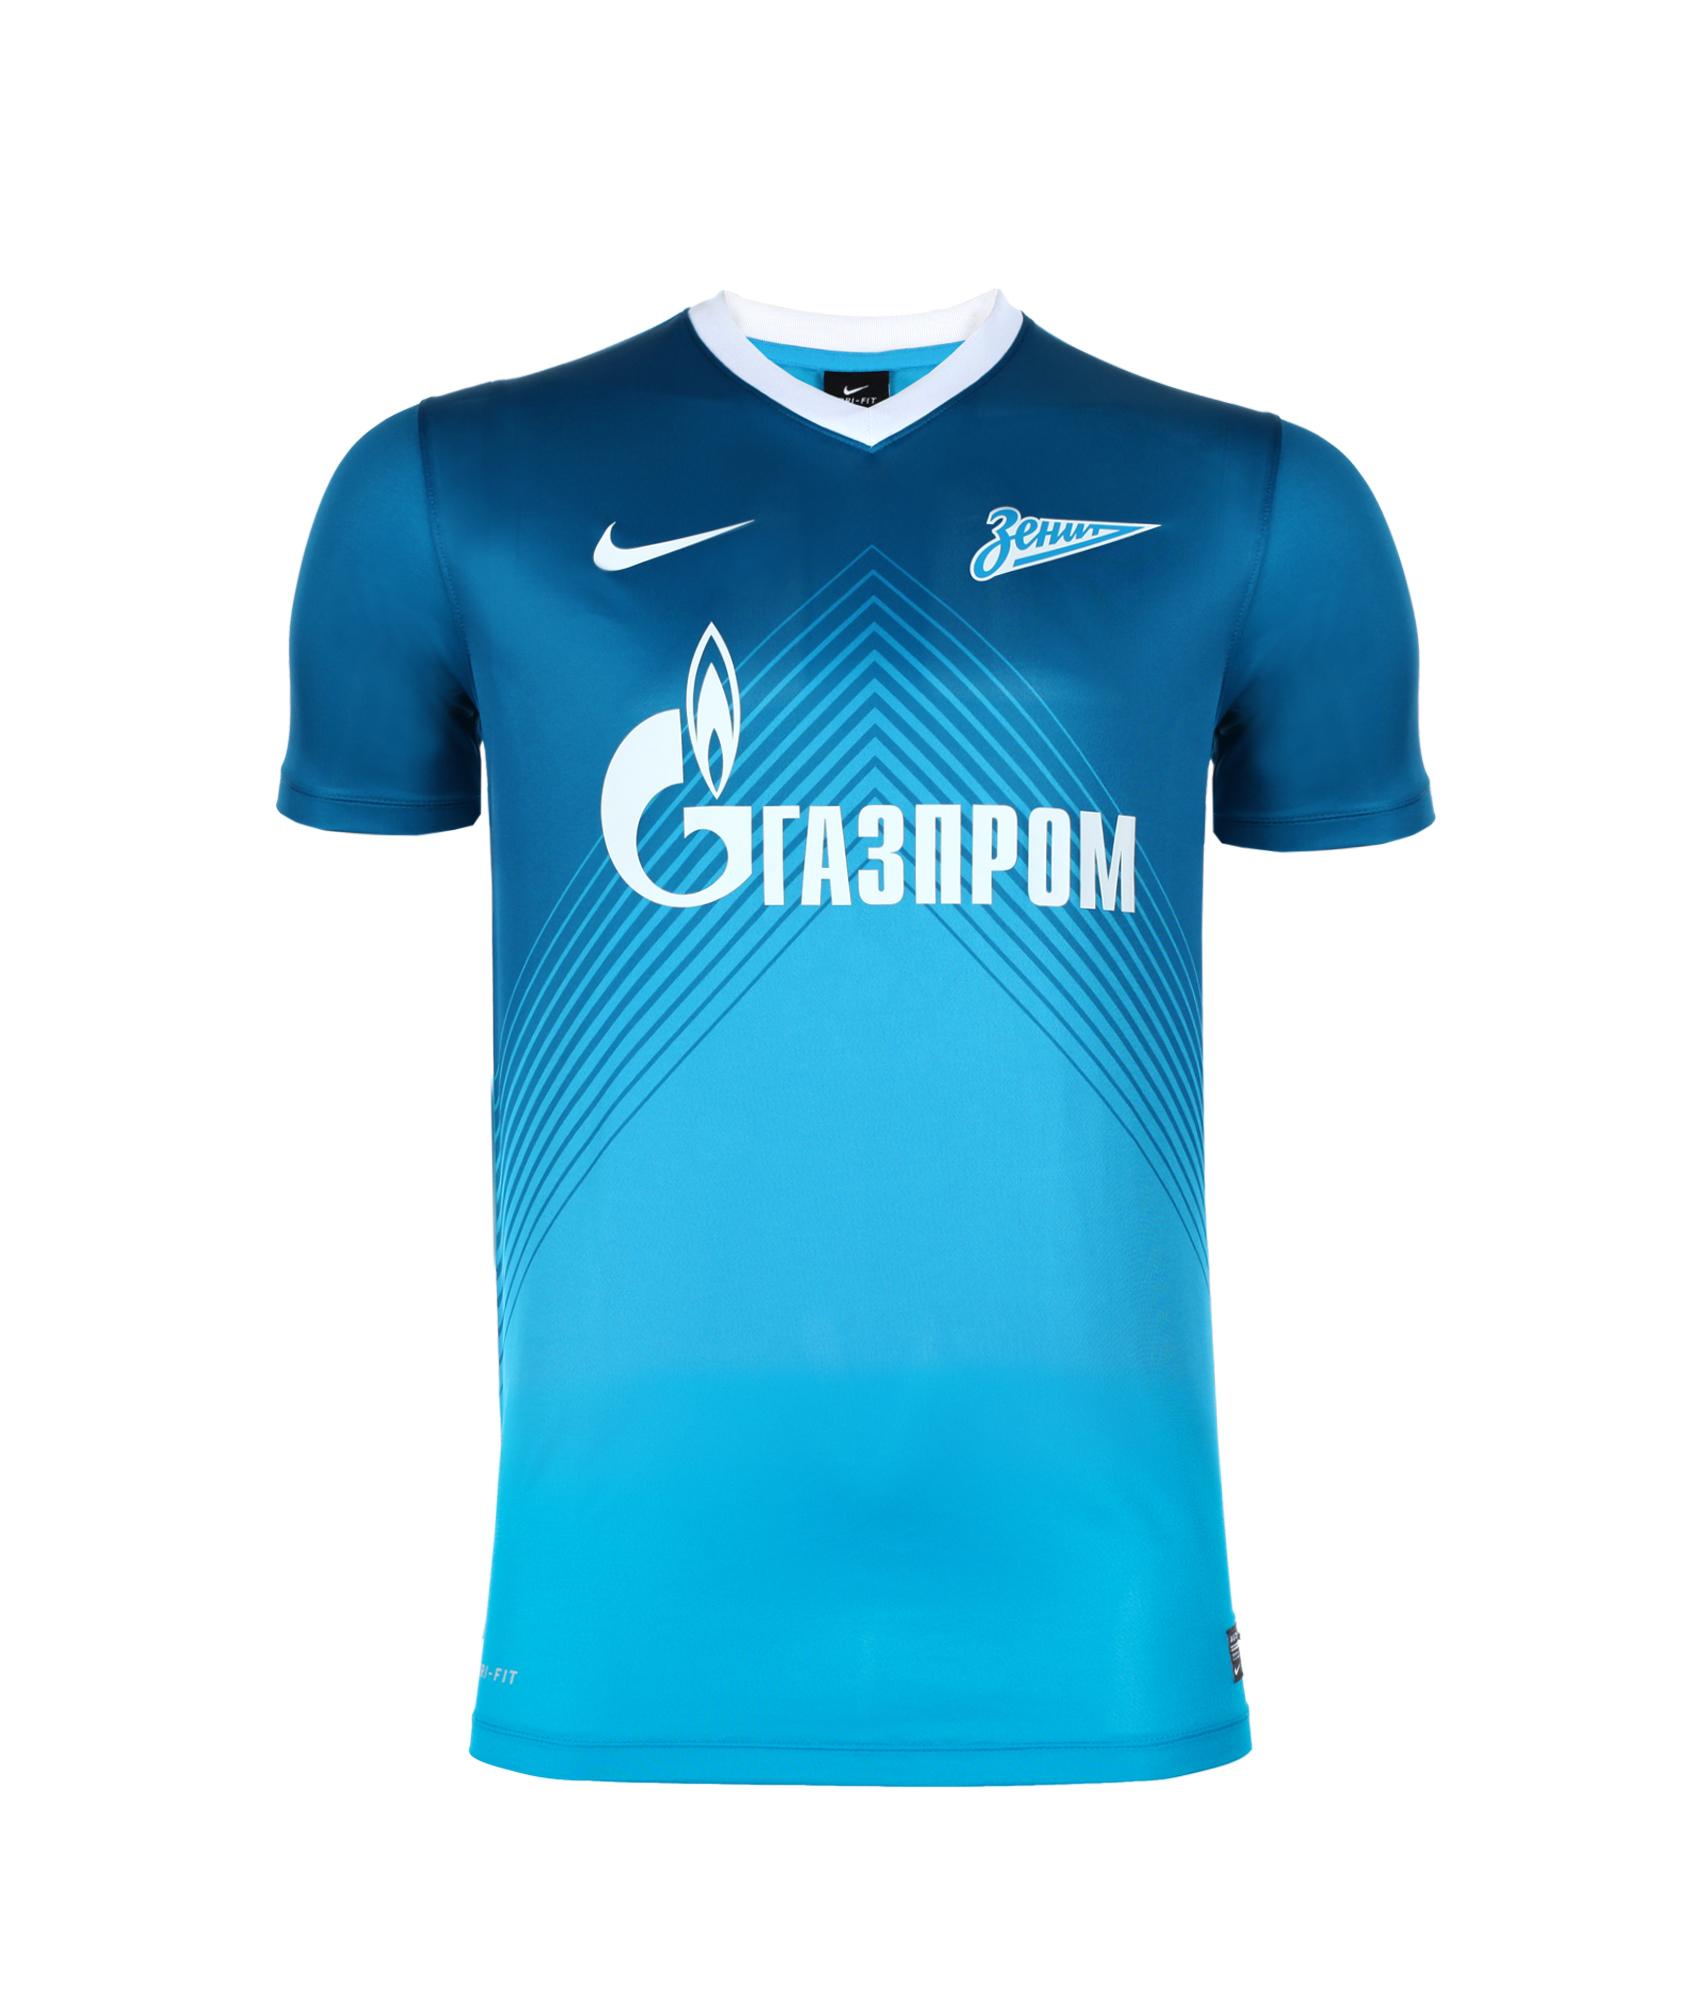 Футболка игровая реплика синяя, Цвет-Синий, Размер-M